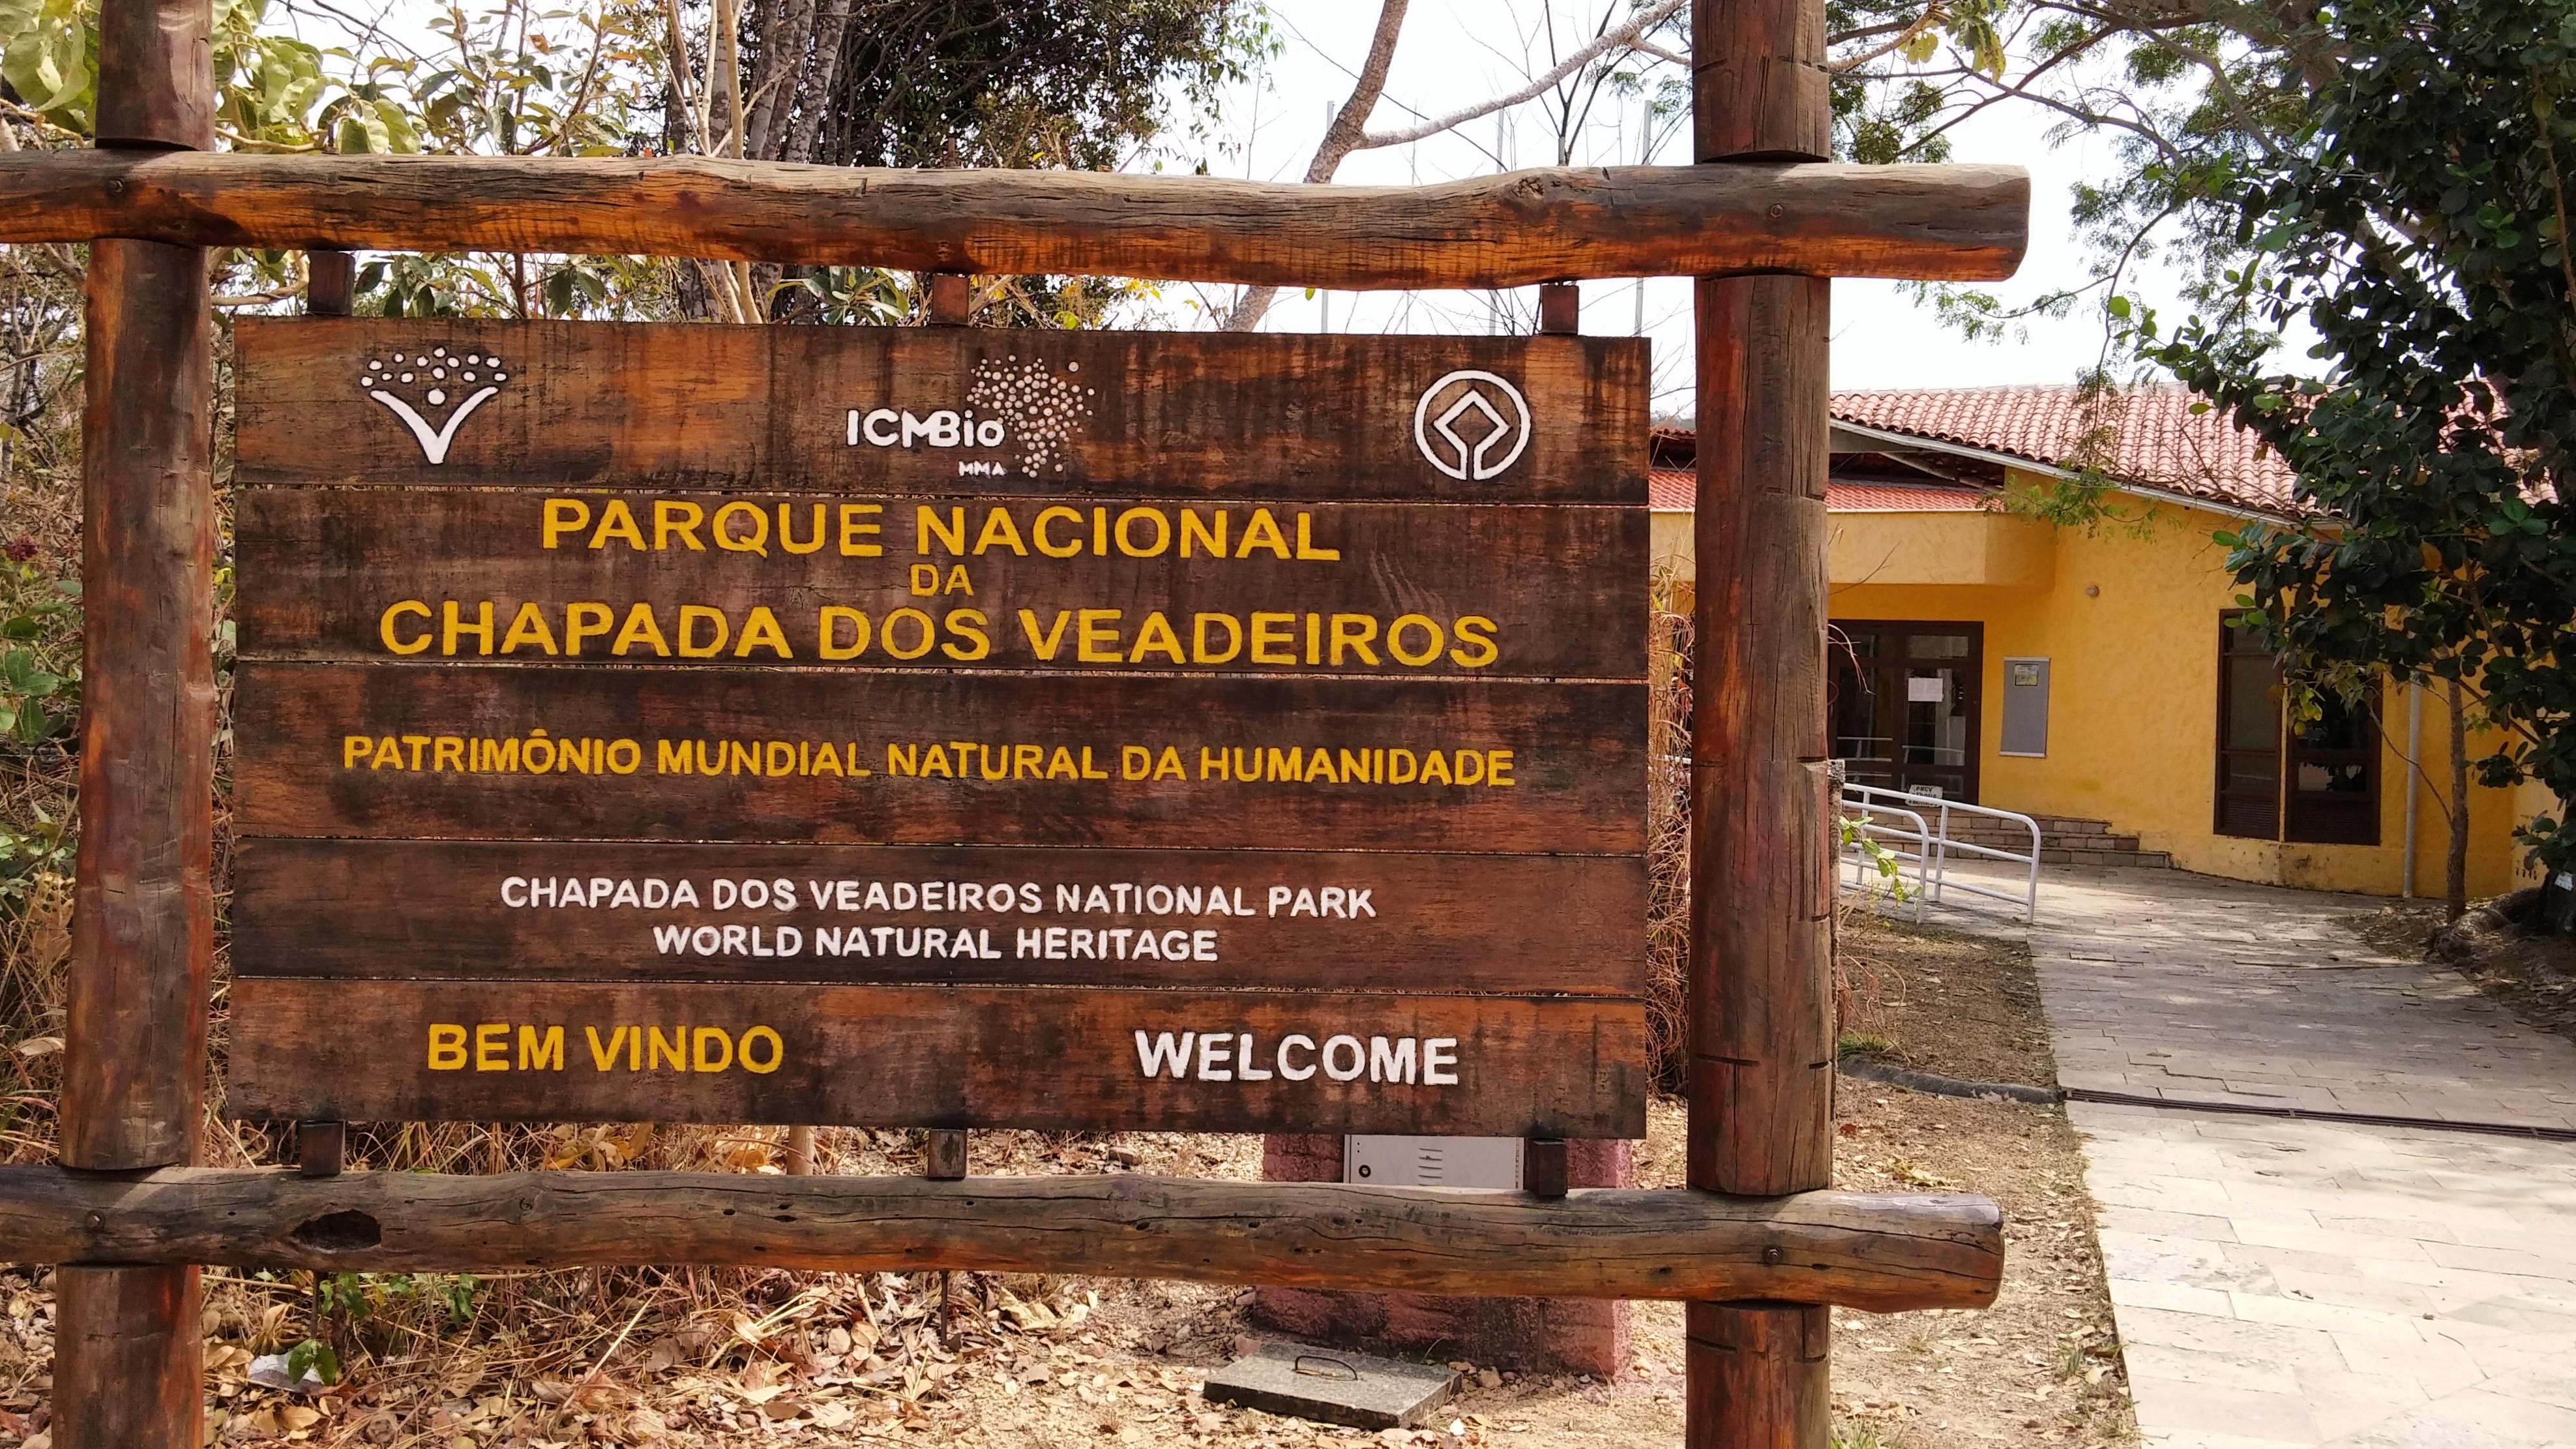 Parque Nacional da Chapada dos Veadeiros, São Jorge - GO, by Luciana de Paula, 2016